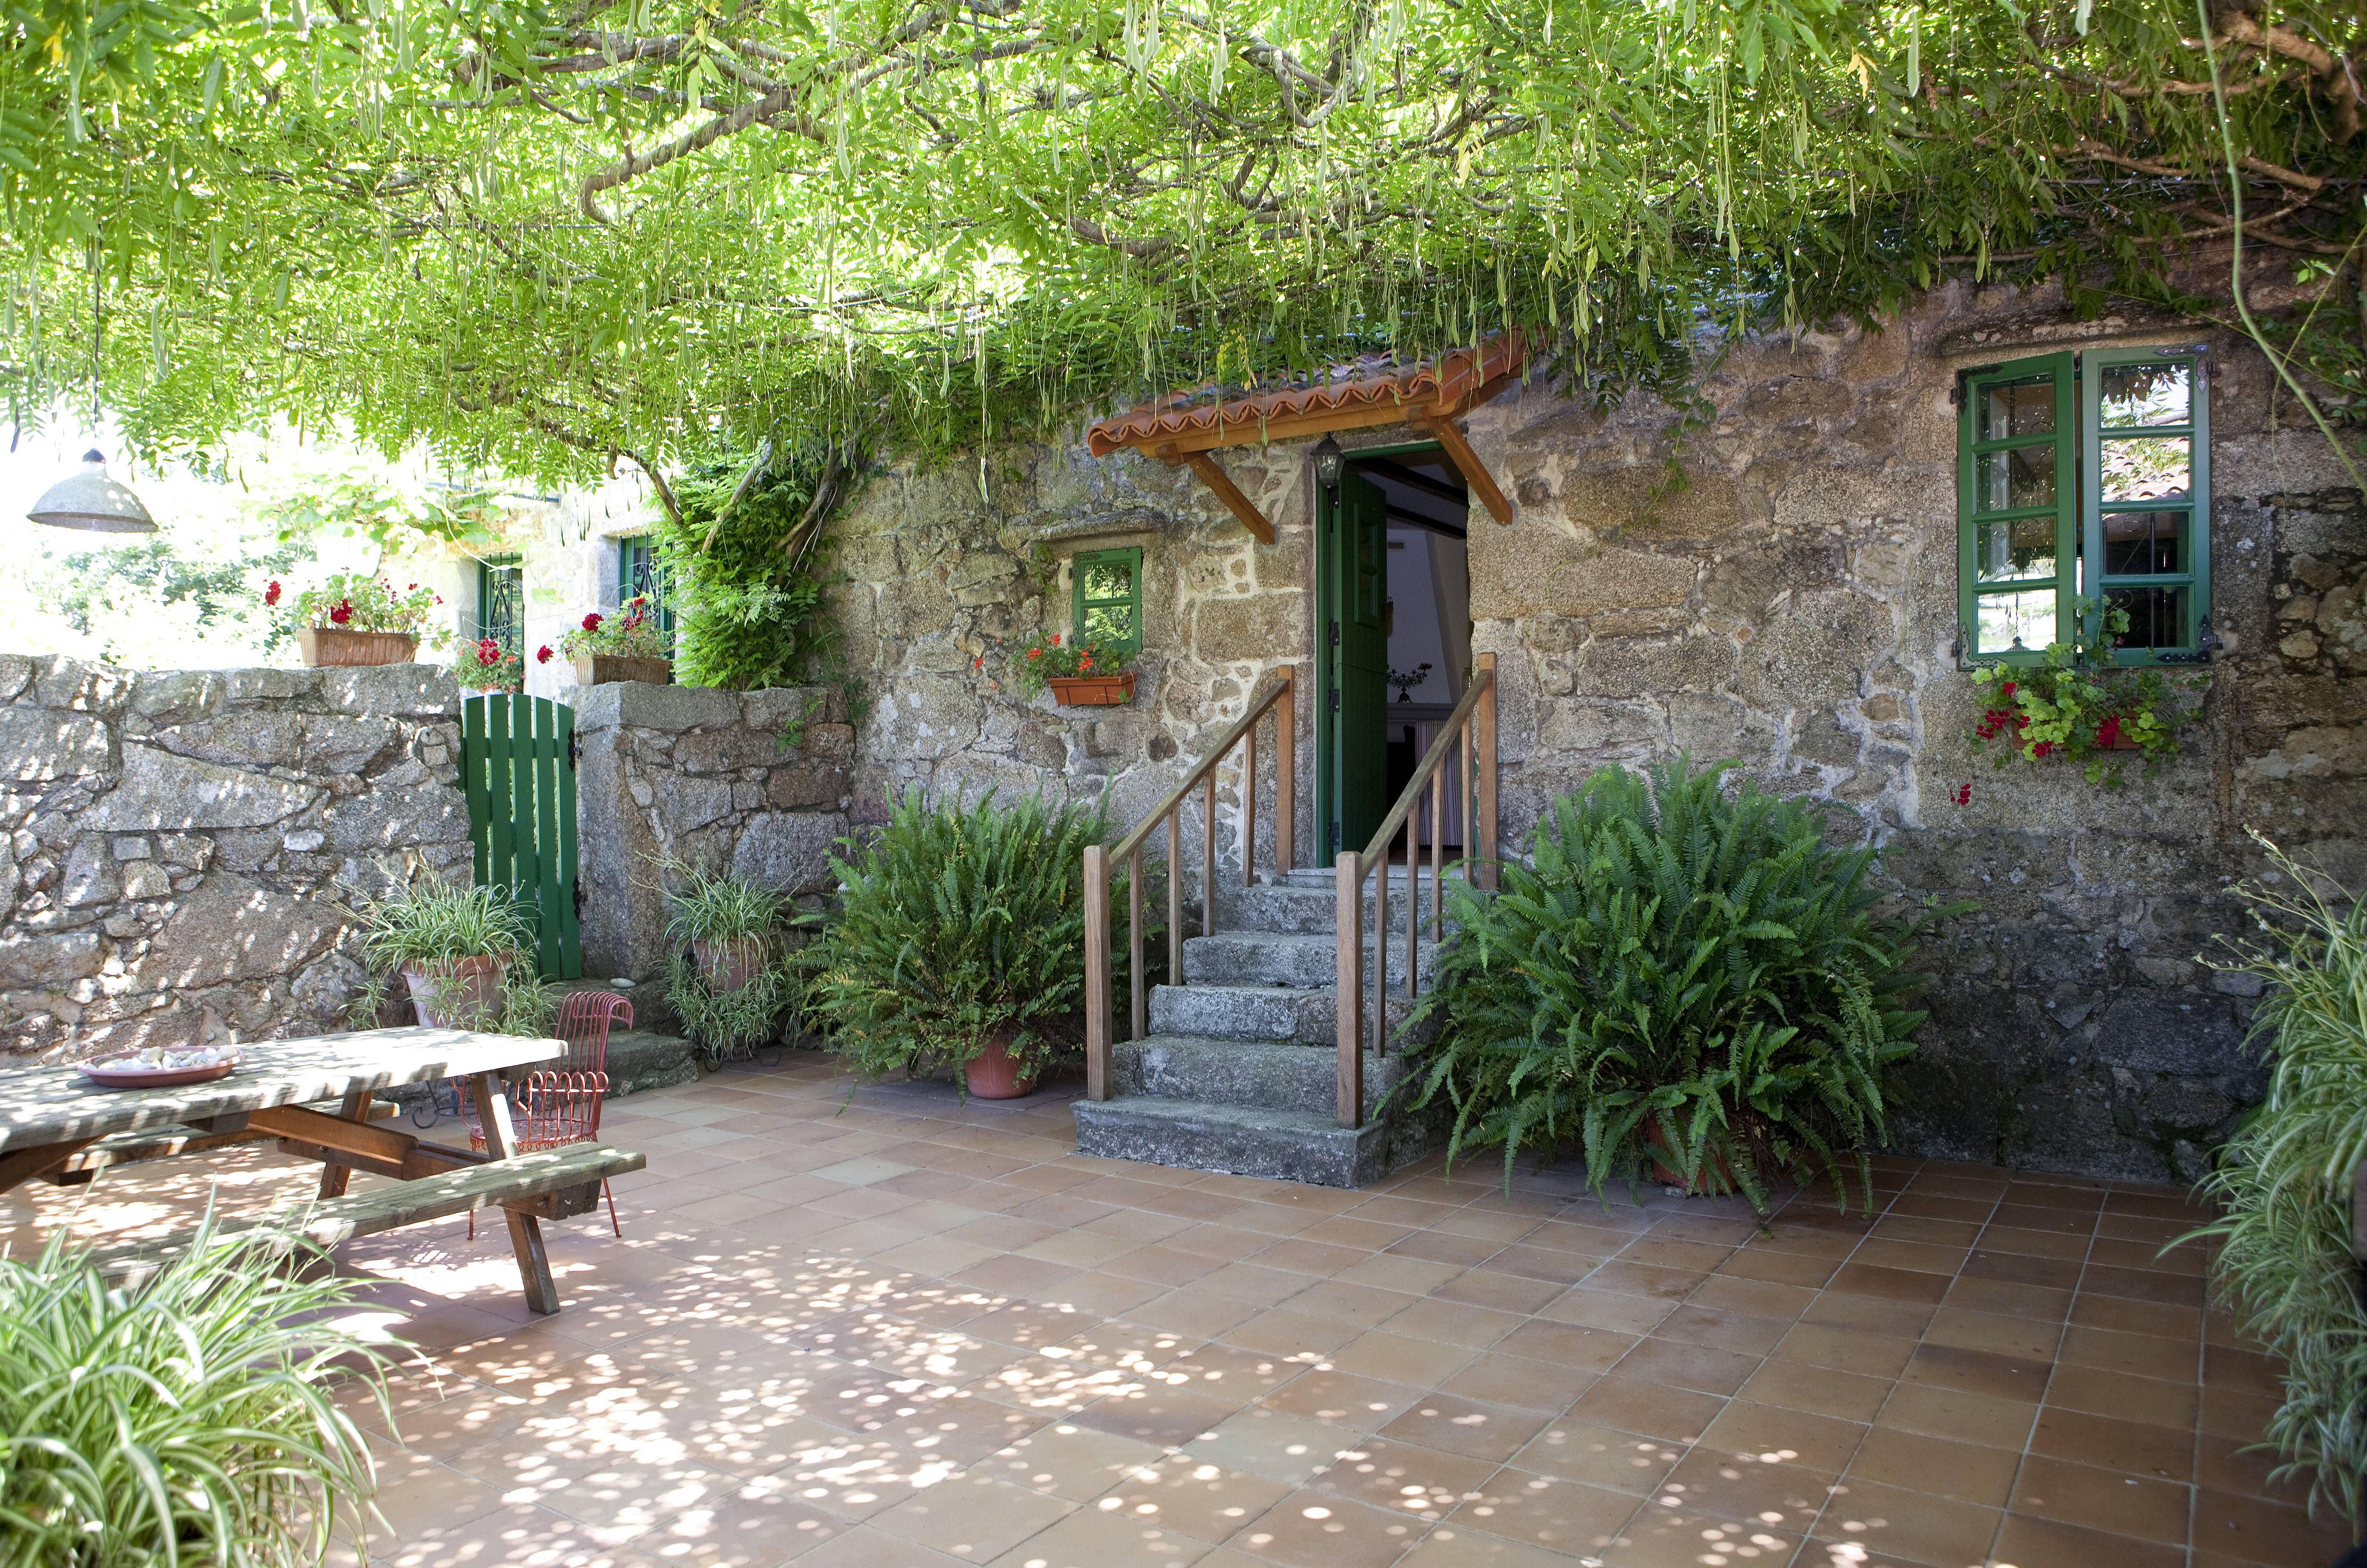 Casa rural cerca de sanxenxo y de la playa saramagoso meis pontevedra ruta del vino de r as - Casa rural ameneiros sanxenxo pontevedra ...